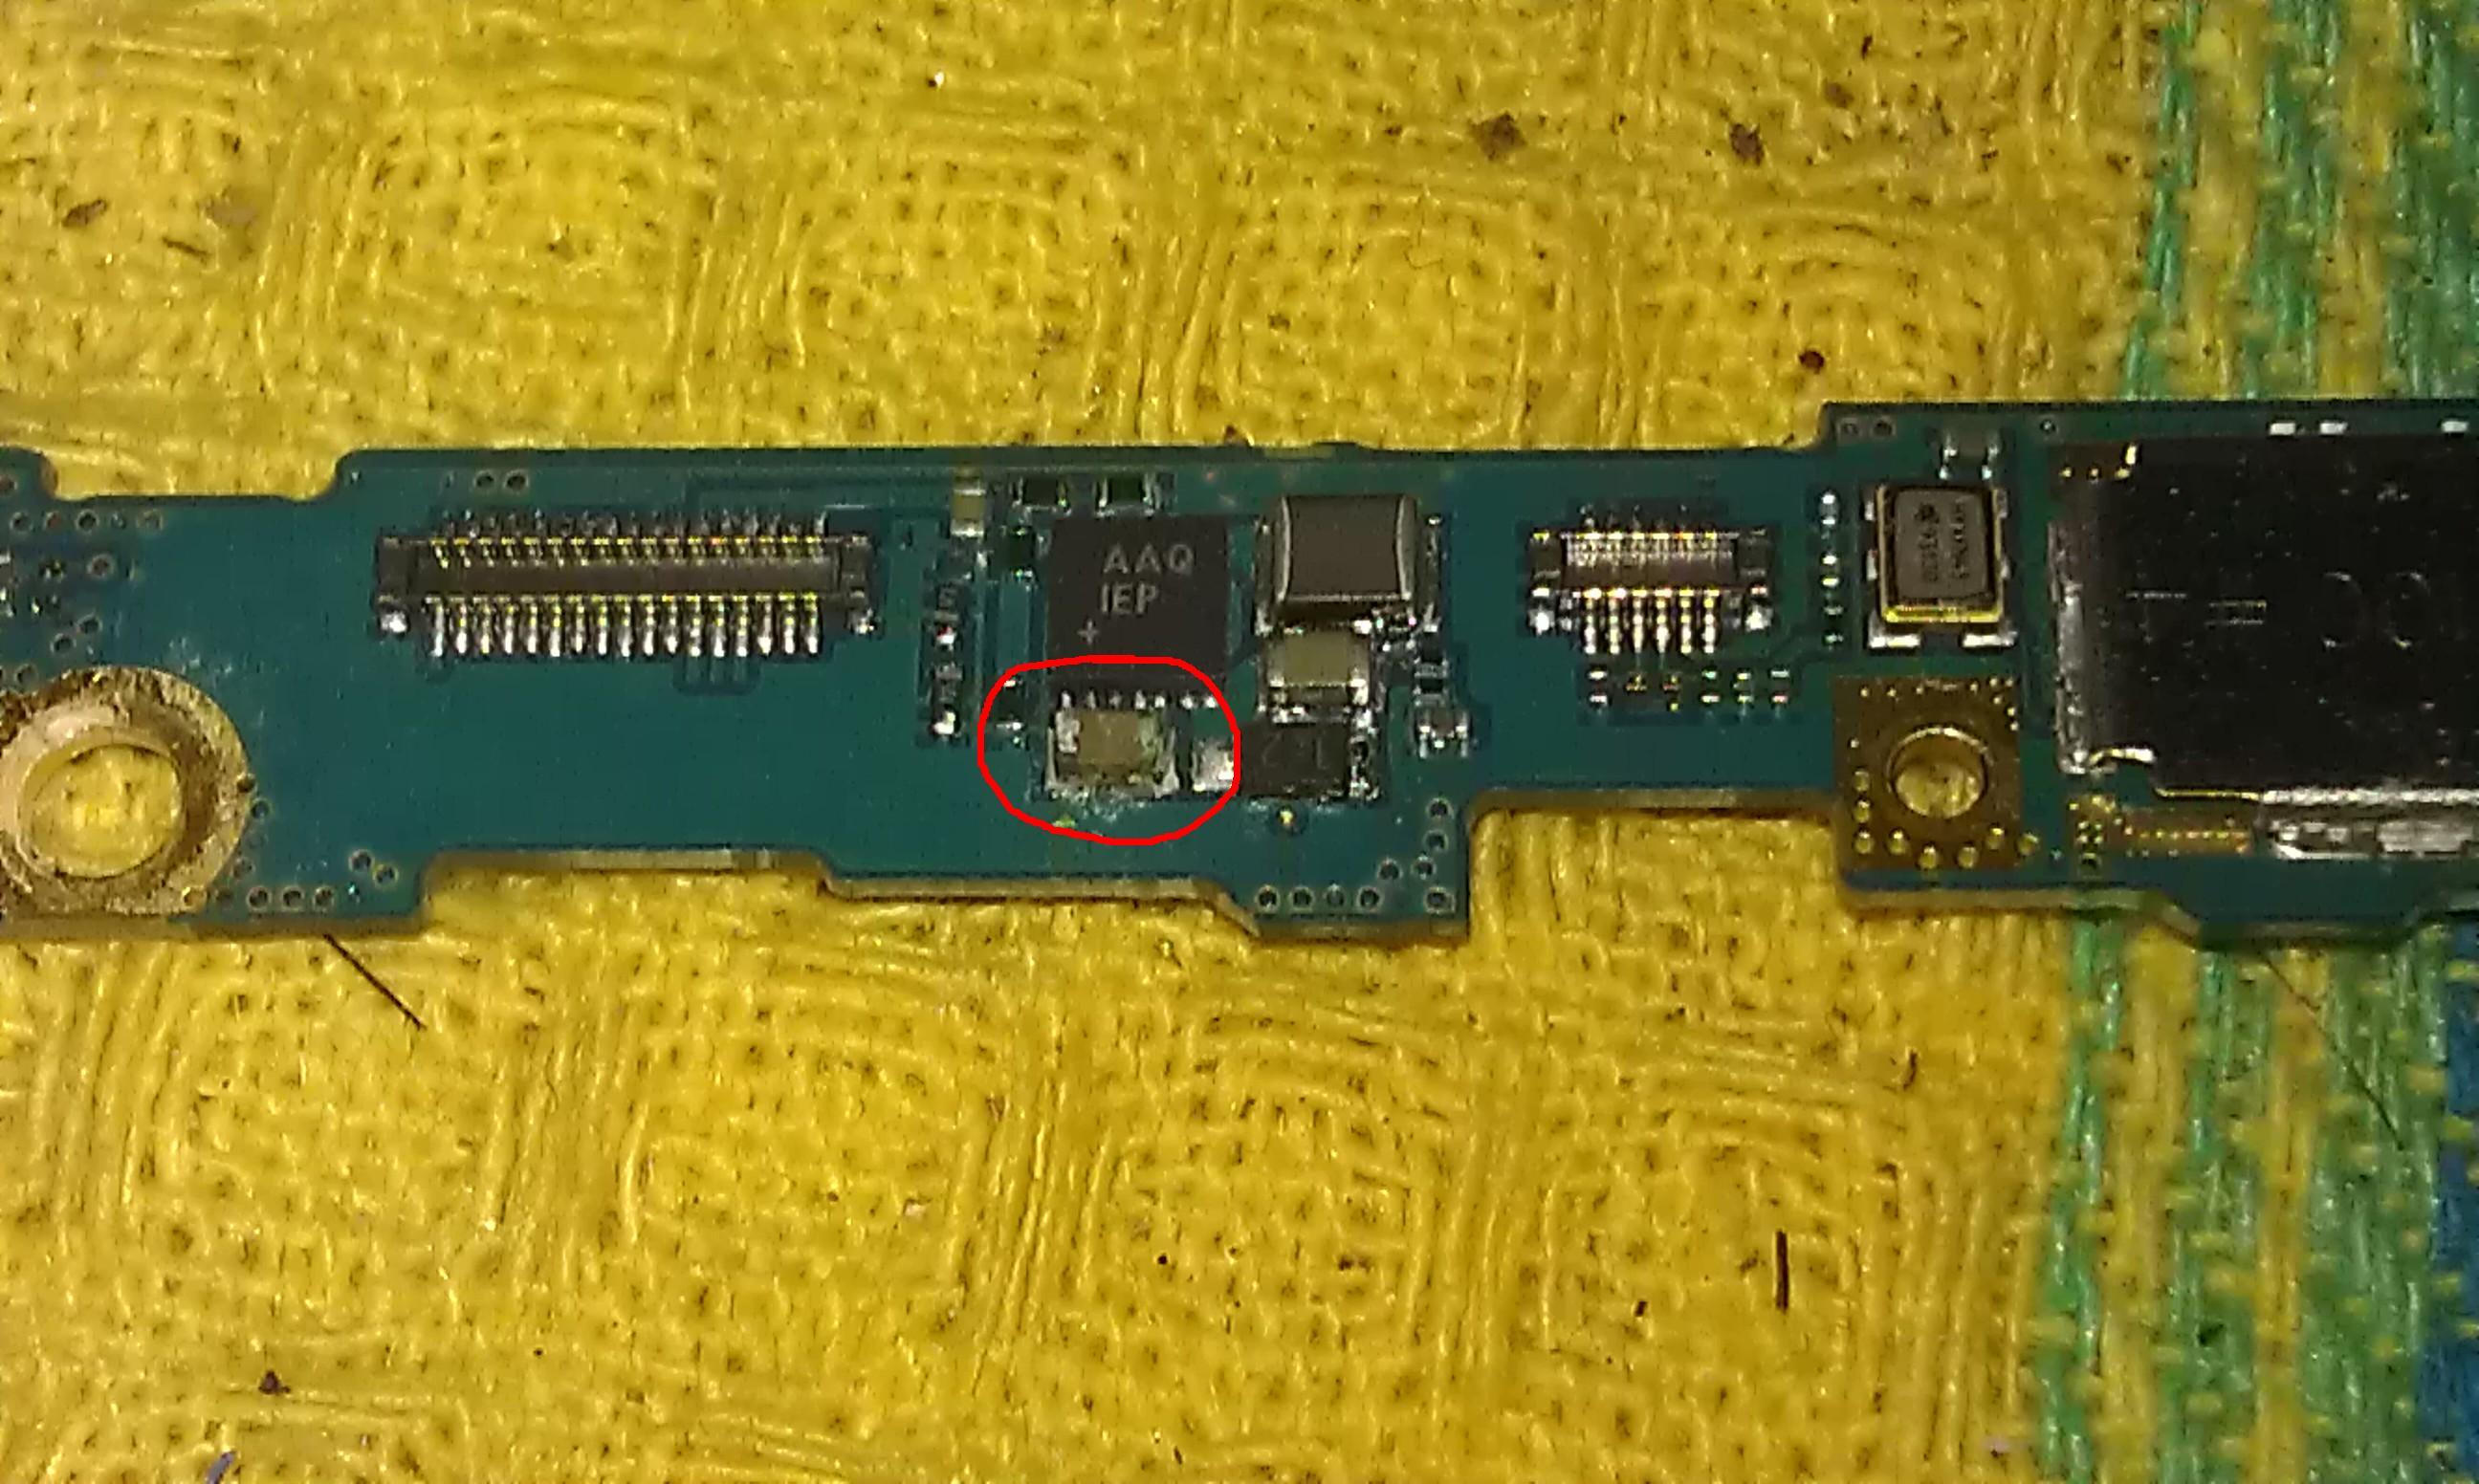 Samsung galaxy S2 - Telefon nie reaguje na nic - za�niedzia�y element na p�ycie